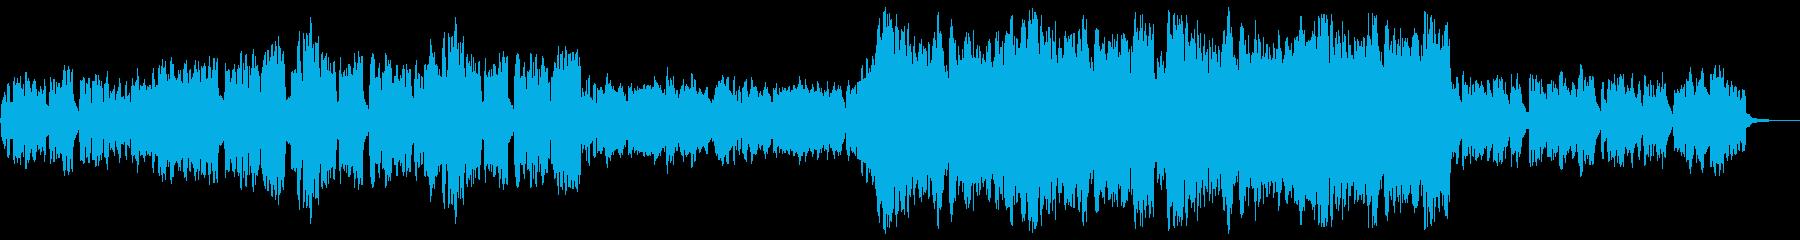 木管楽器と弦楽器のワルツの再生済みの波形